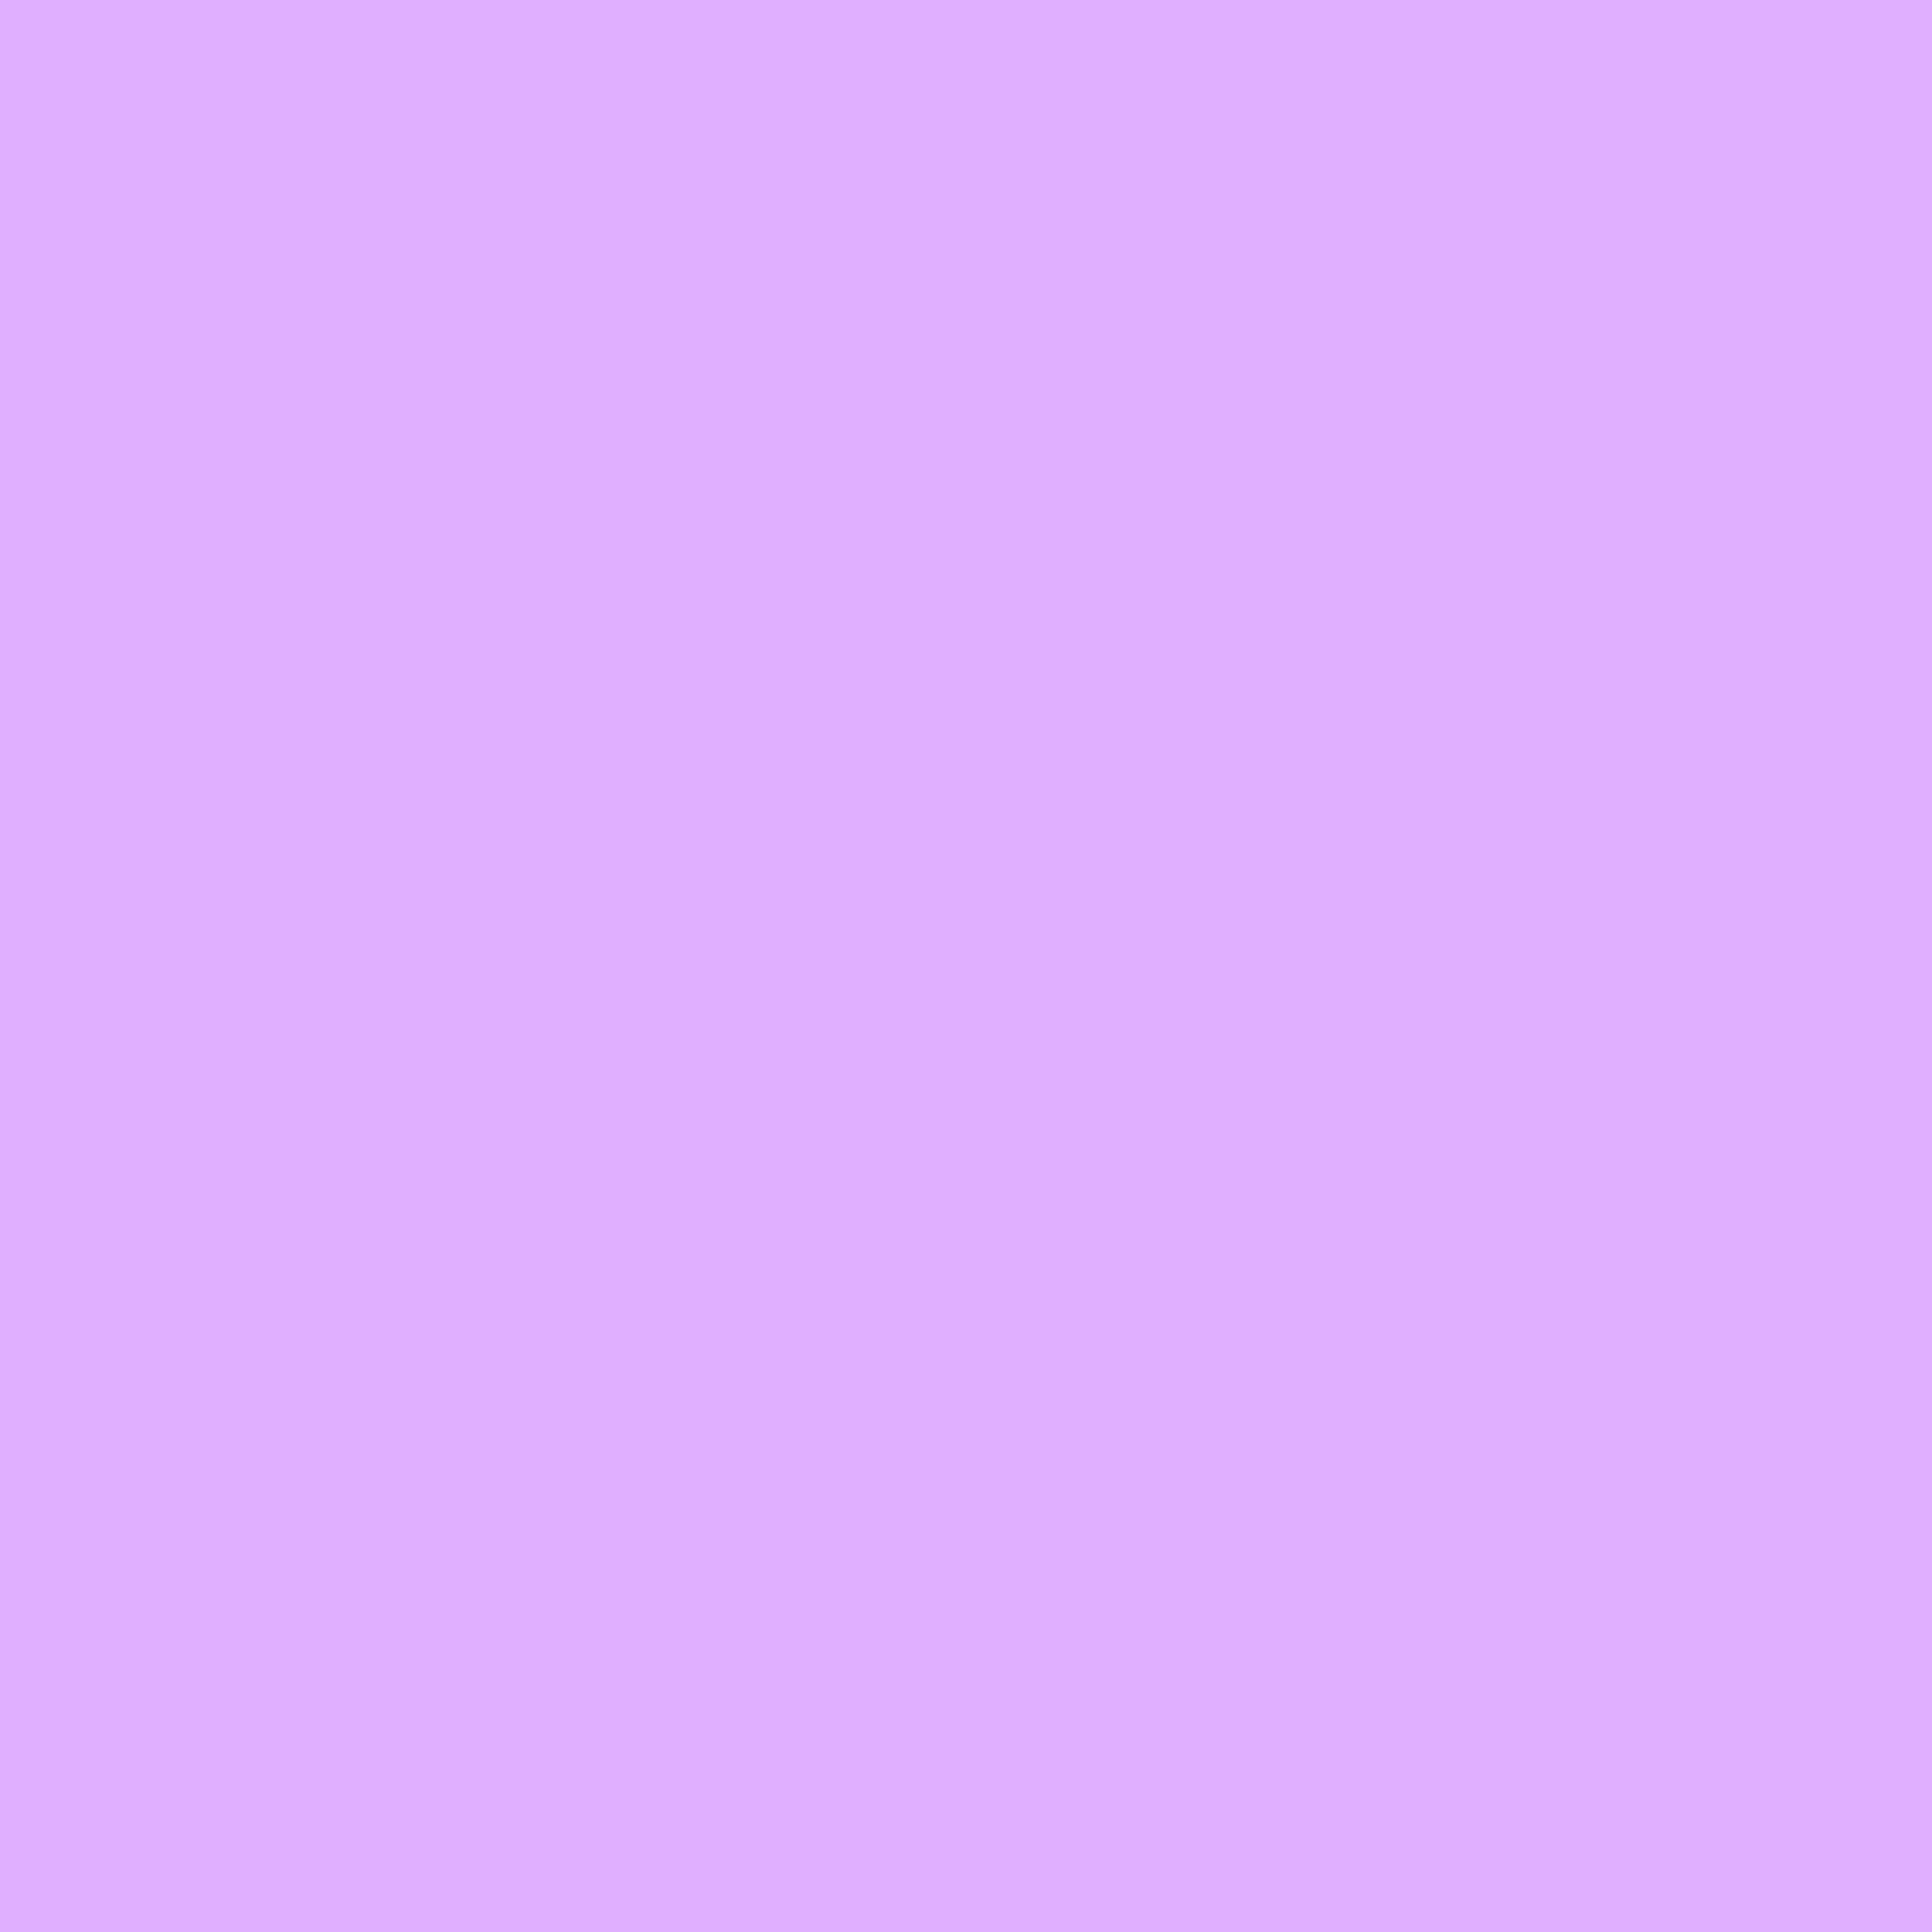 2732x2732 Mauve Solid Color Background